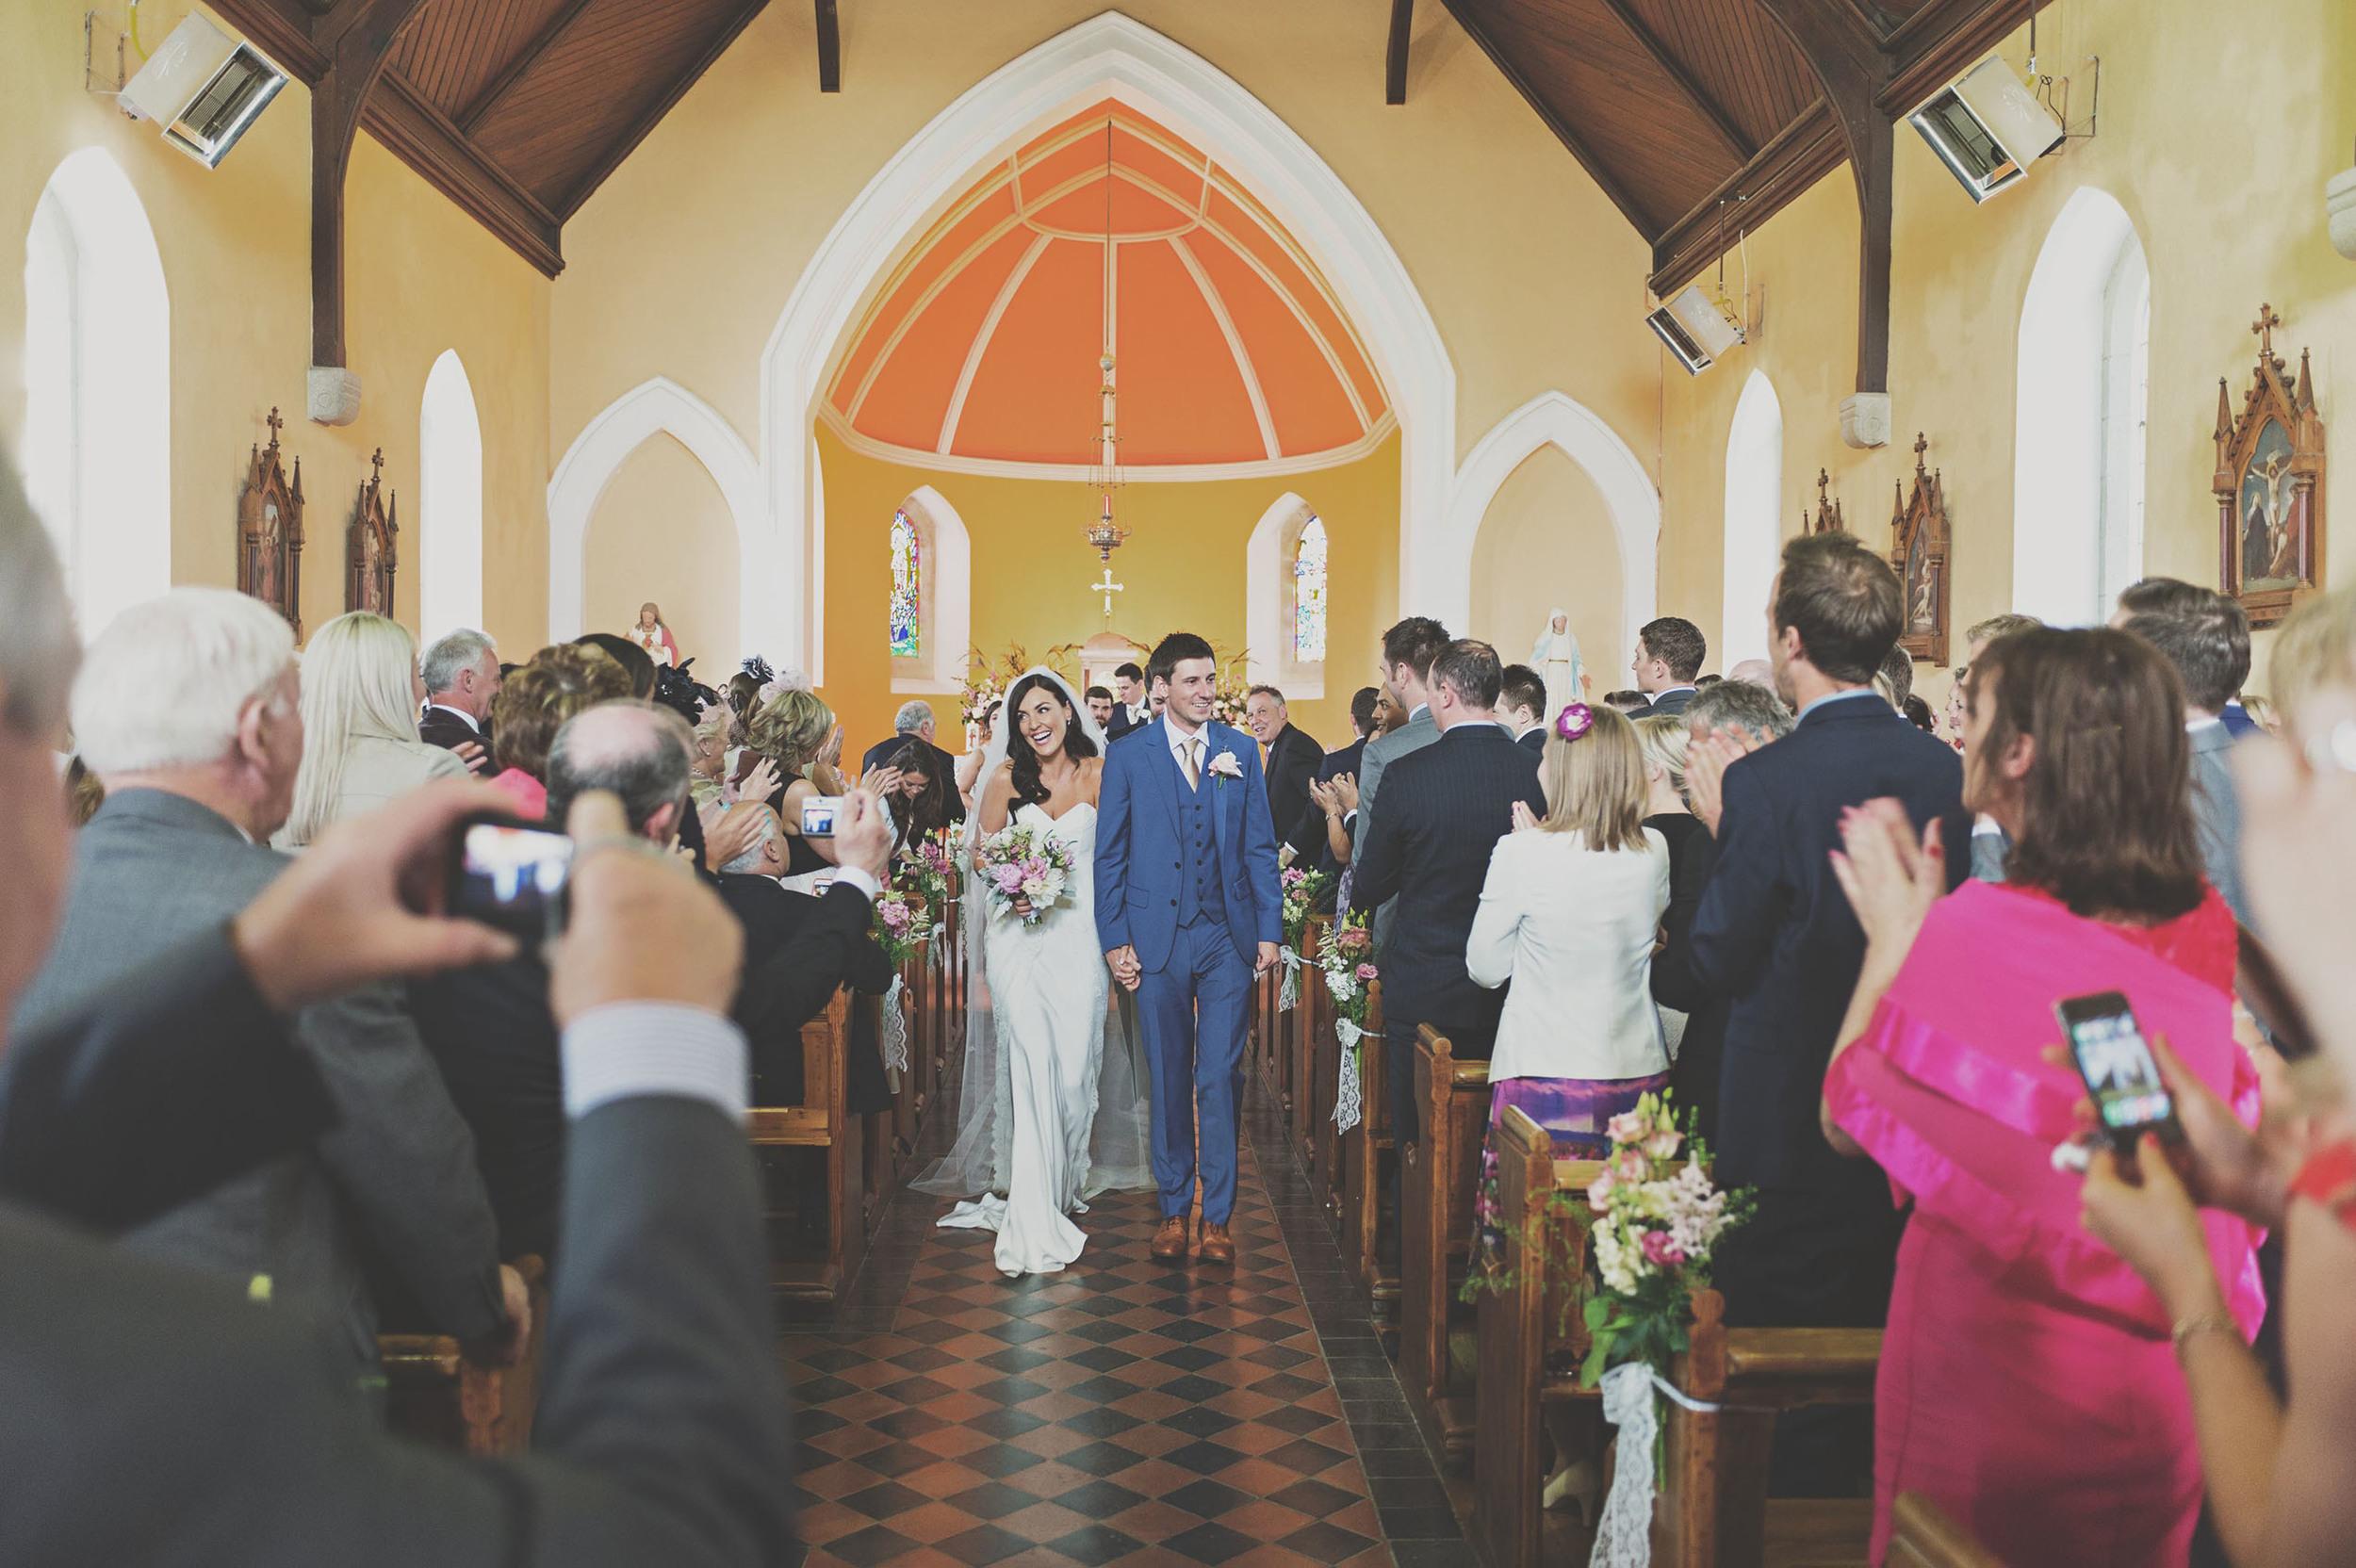 Julie & Matt's Seafield Wedding by Studio33weddings 058.jpg